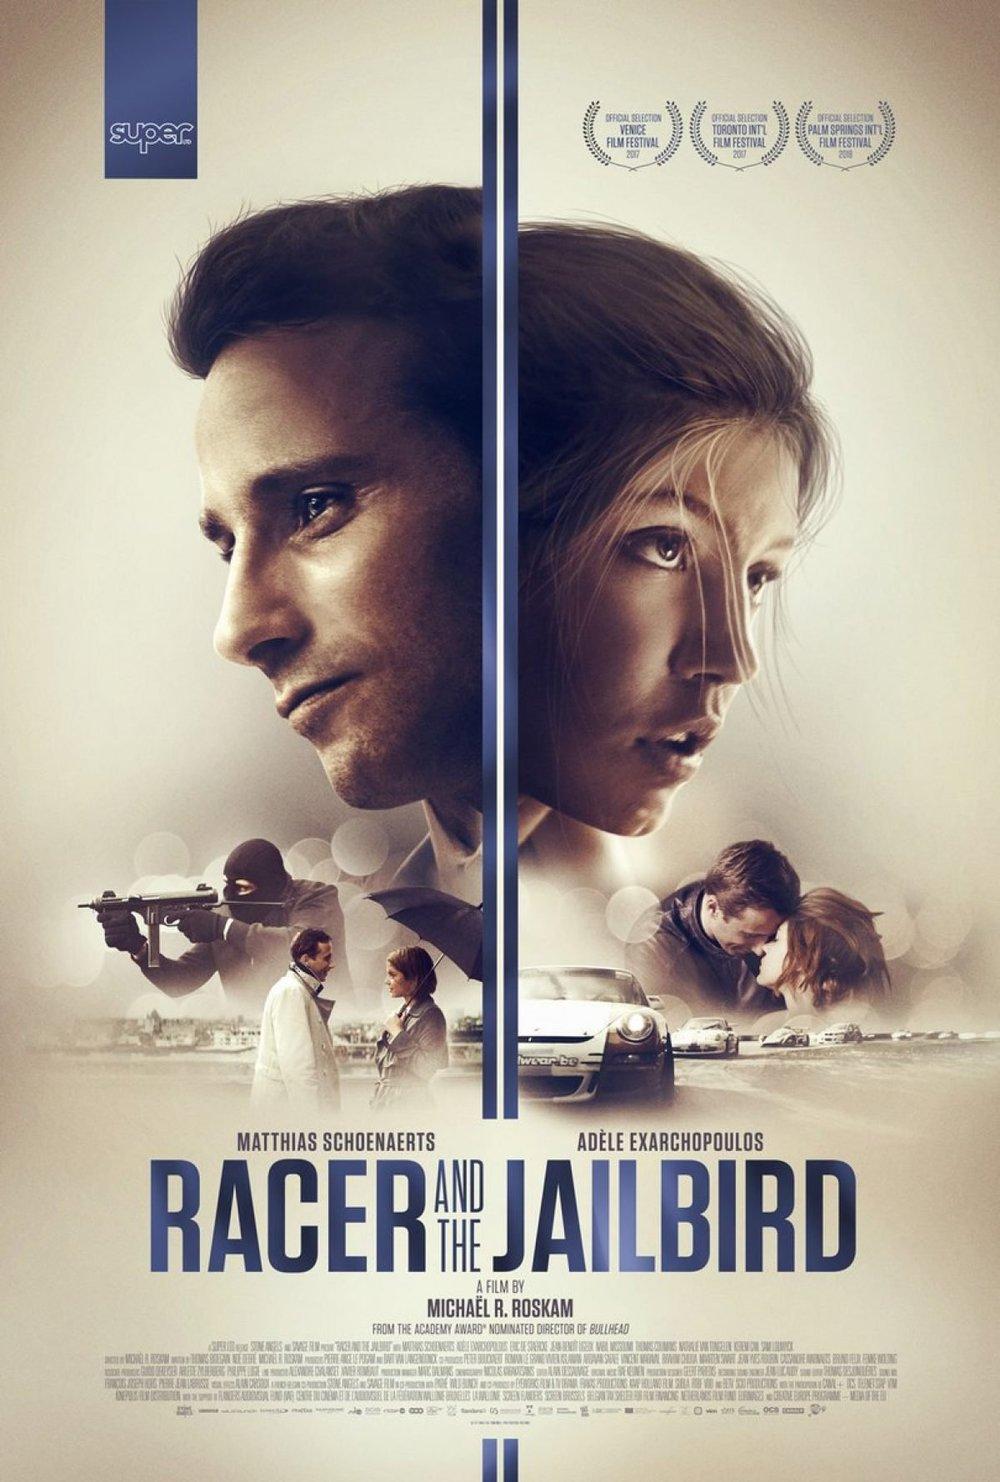 Racer_Jailbird_Poster_1200_1778_81_s.jpg